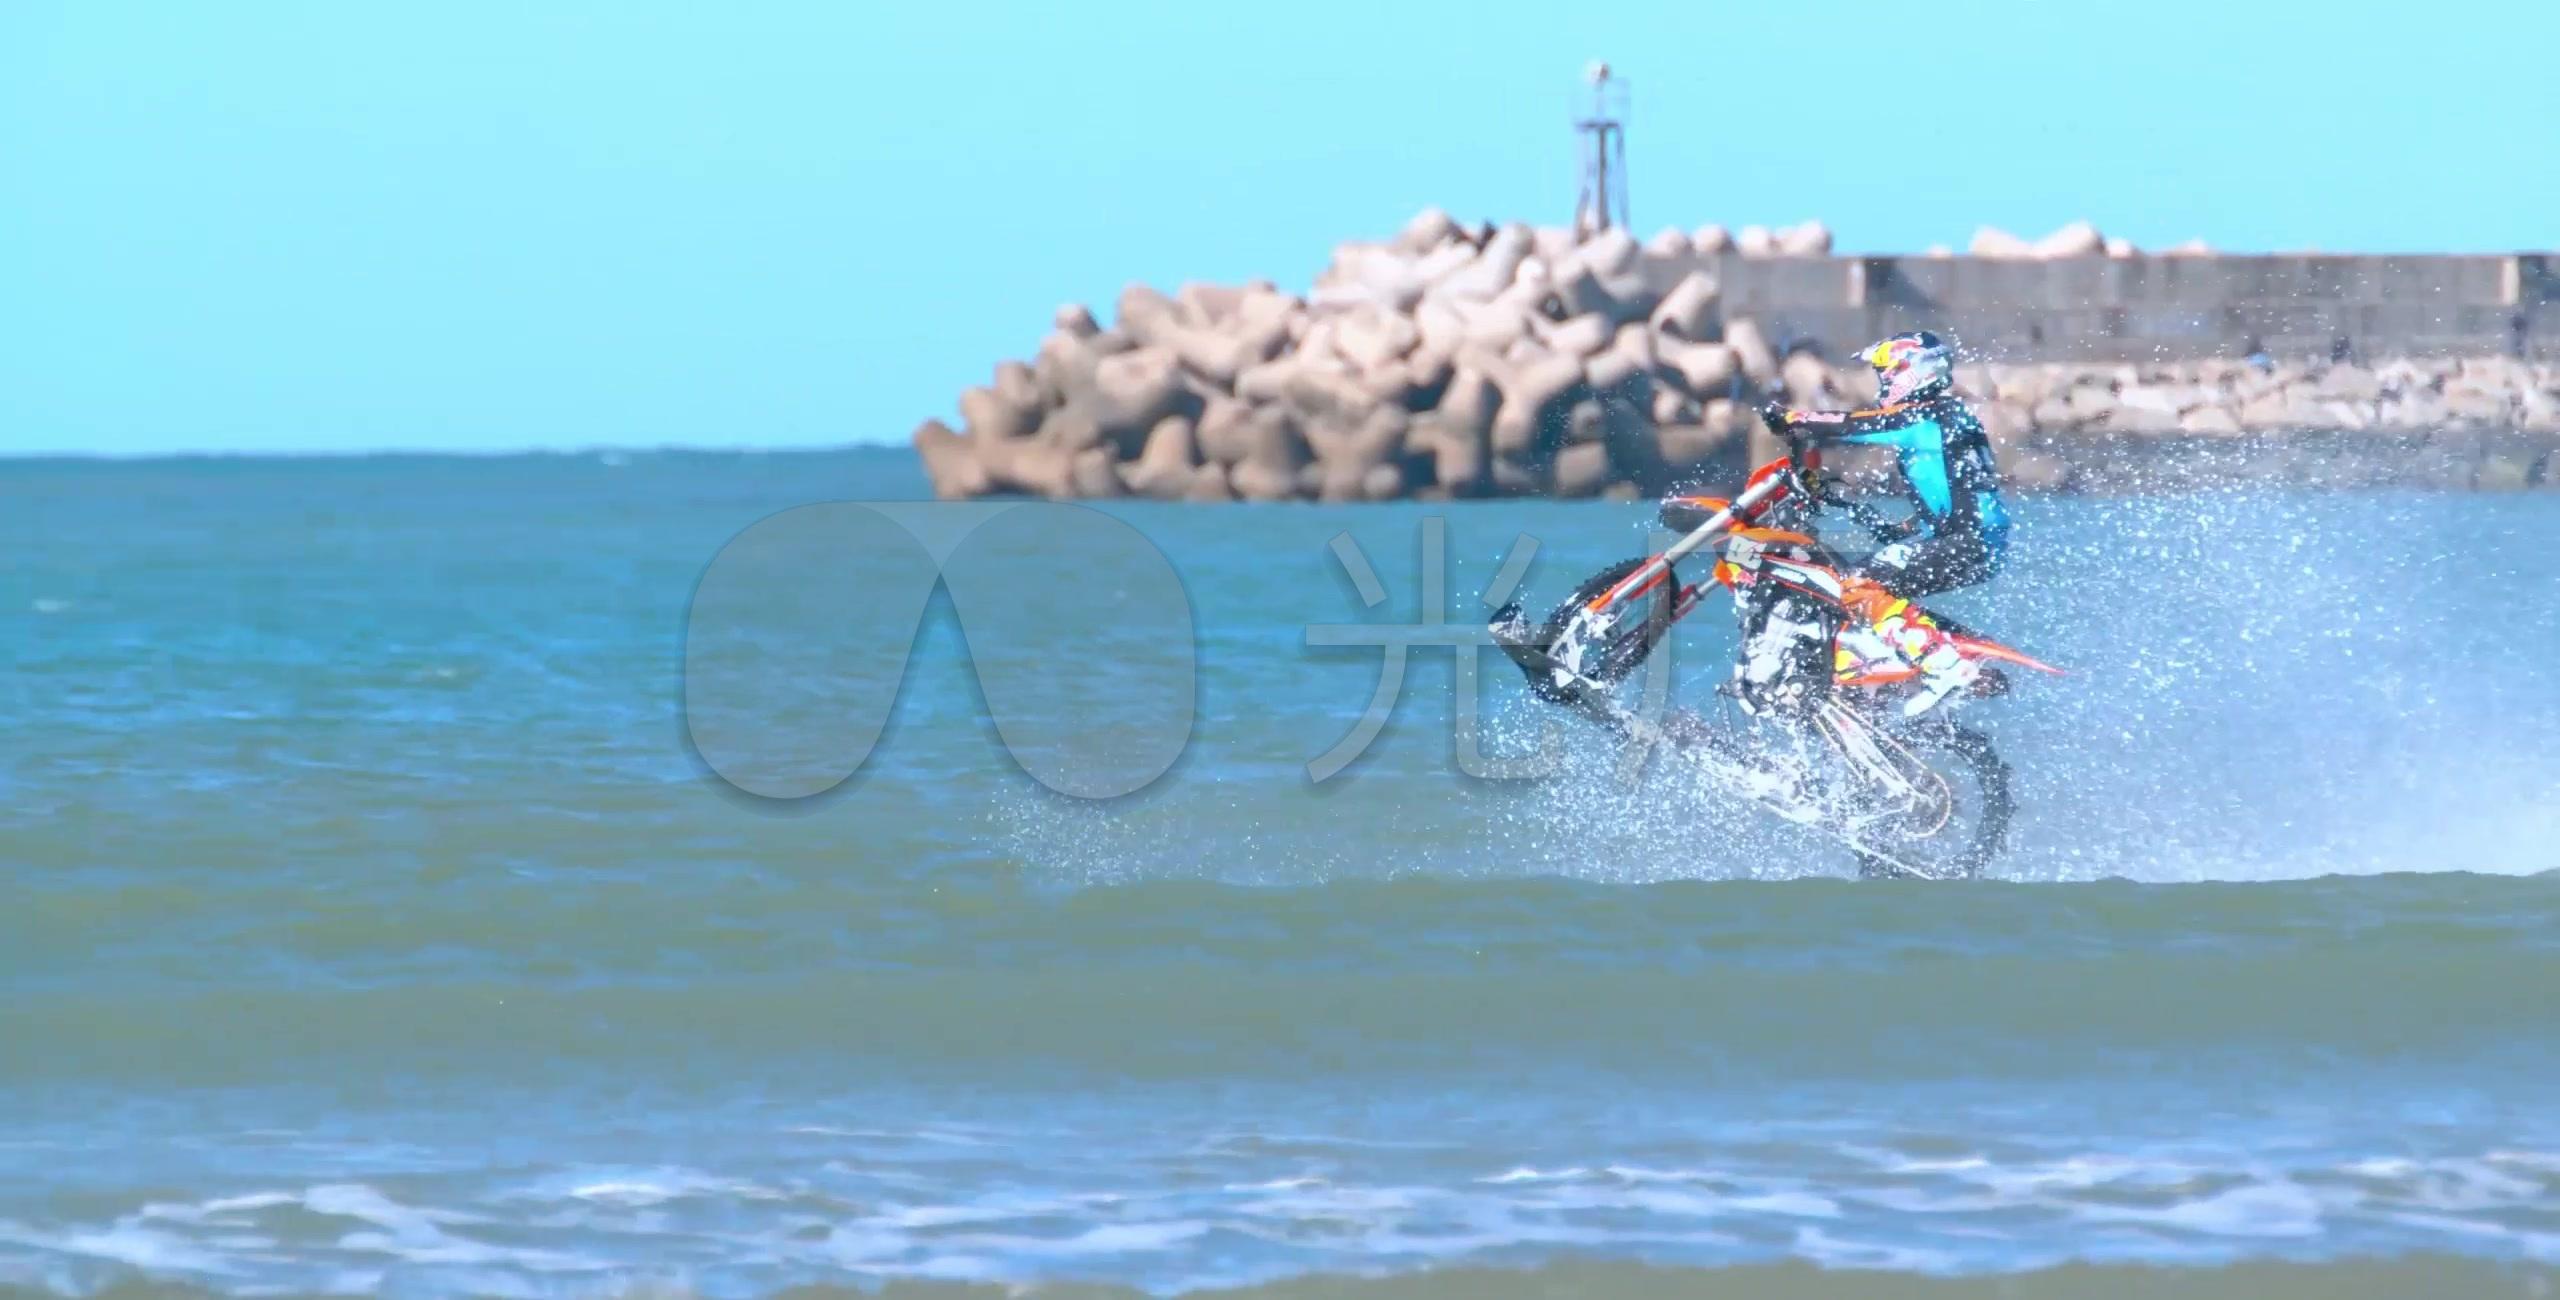 摩托跑酷极限水上精品竞技v摩托(视频2K)_256滑板cv图片